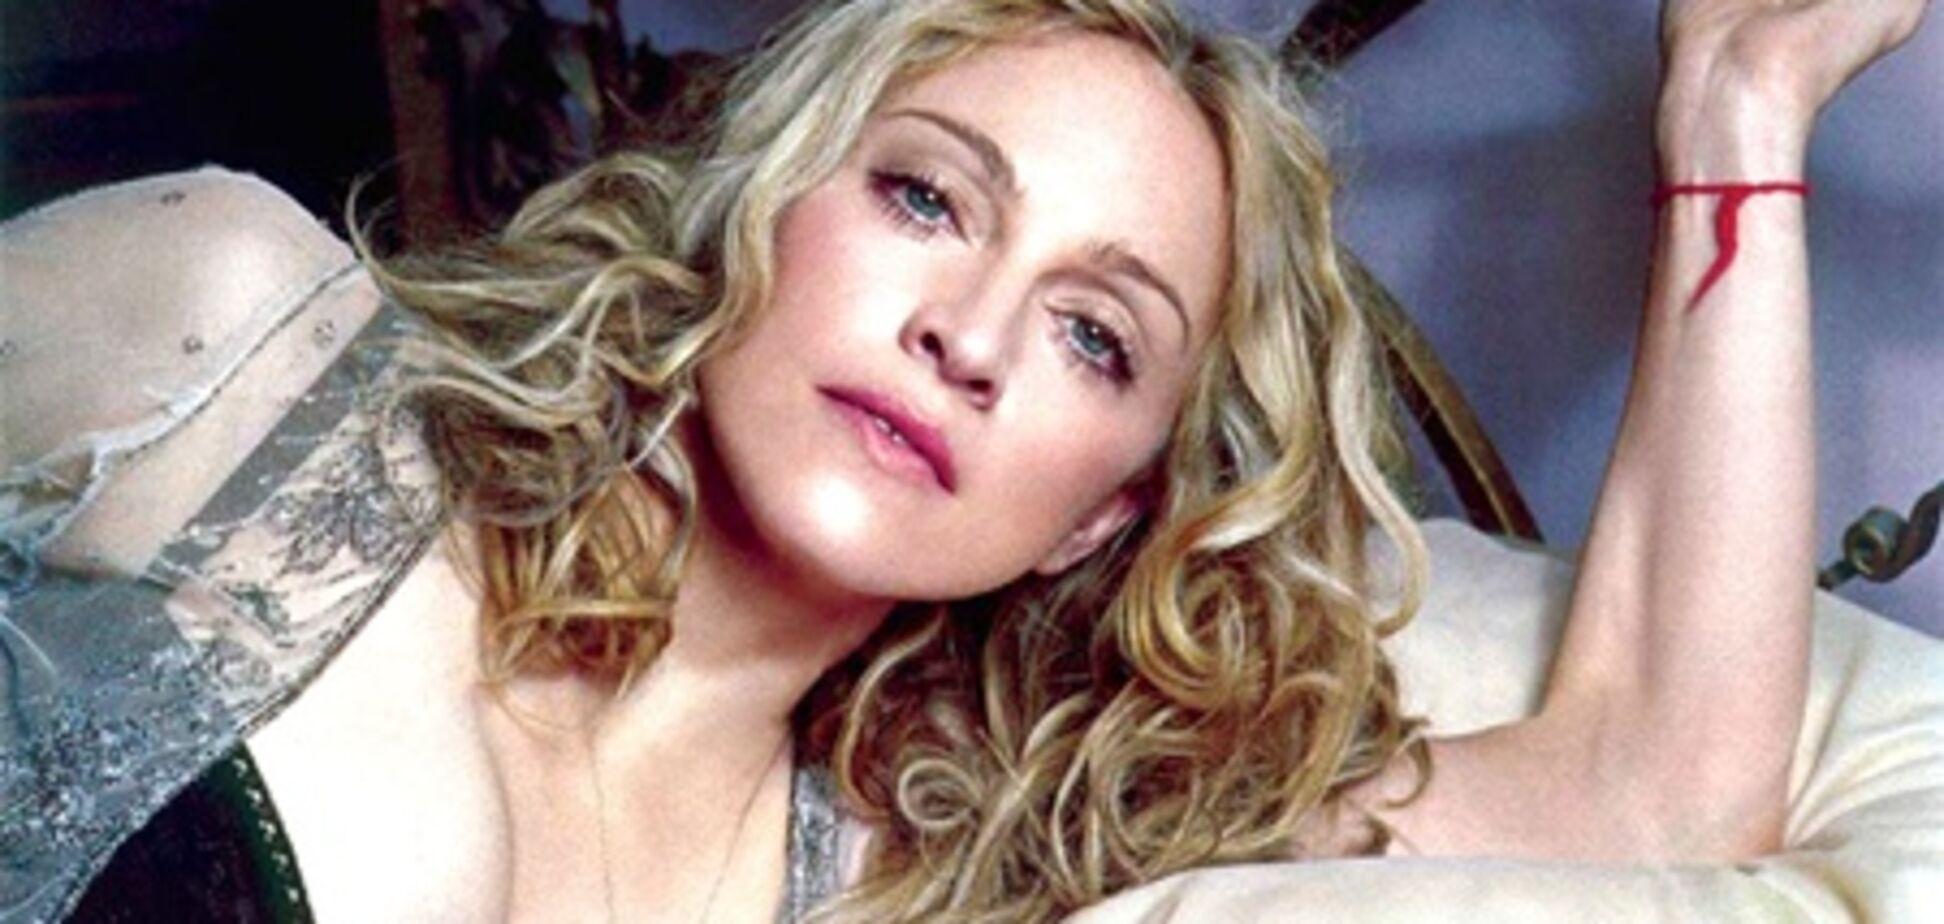 Мадонна в Німеччині на сцені згадала Україну